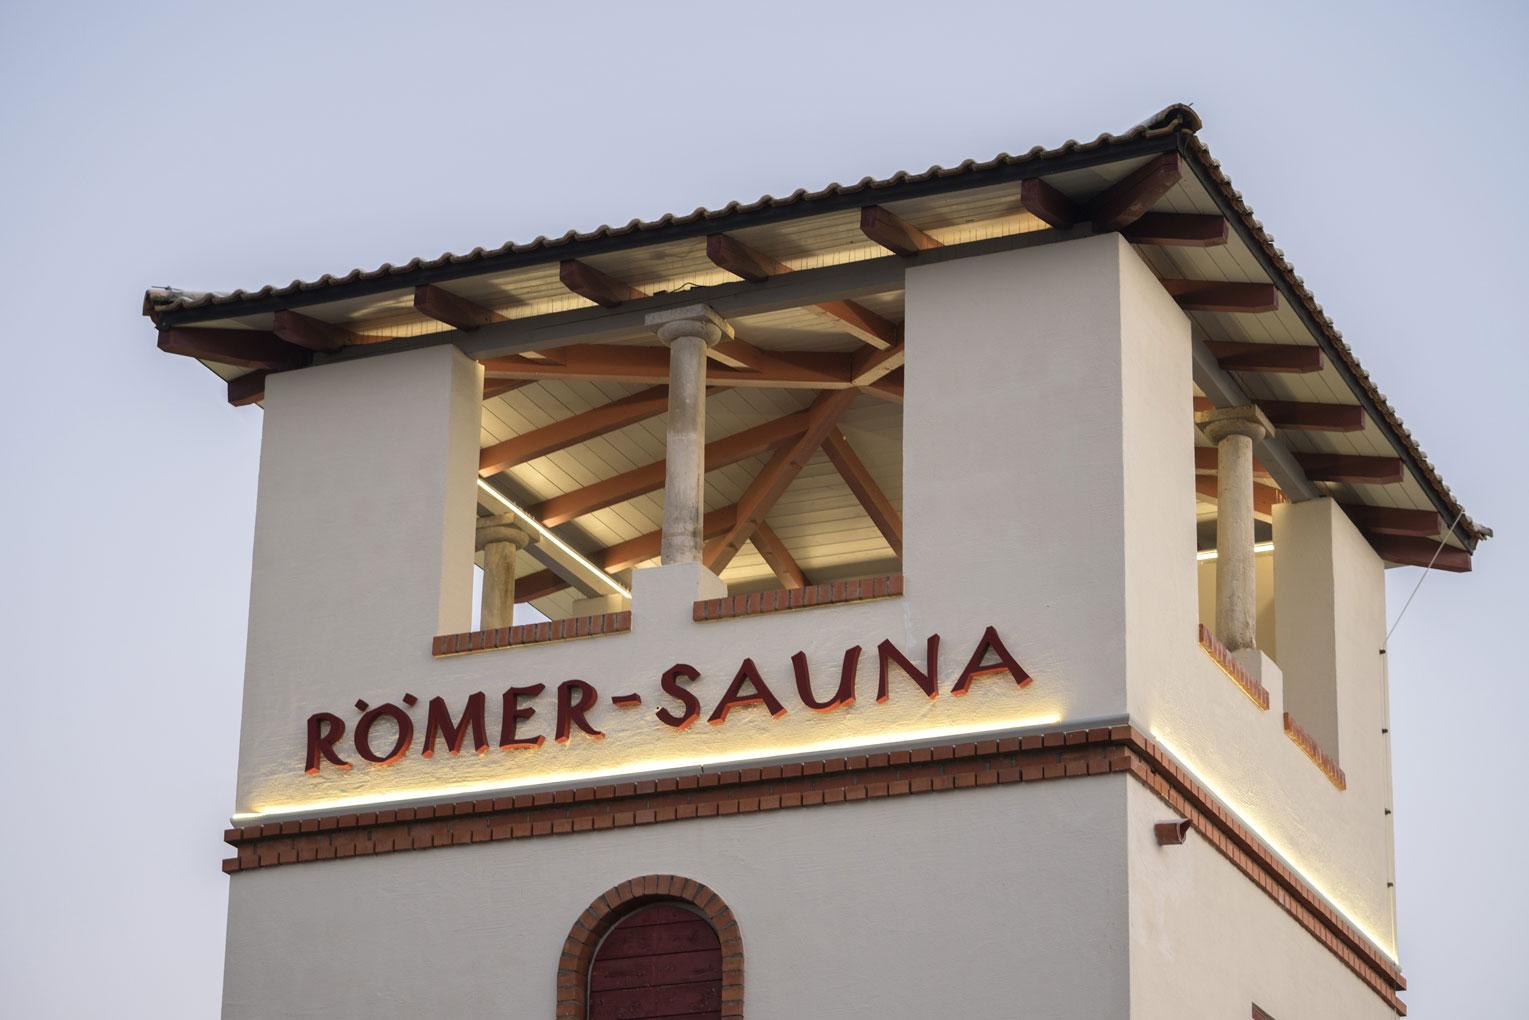 Die Römer-Sauna in Bad Gögging